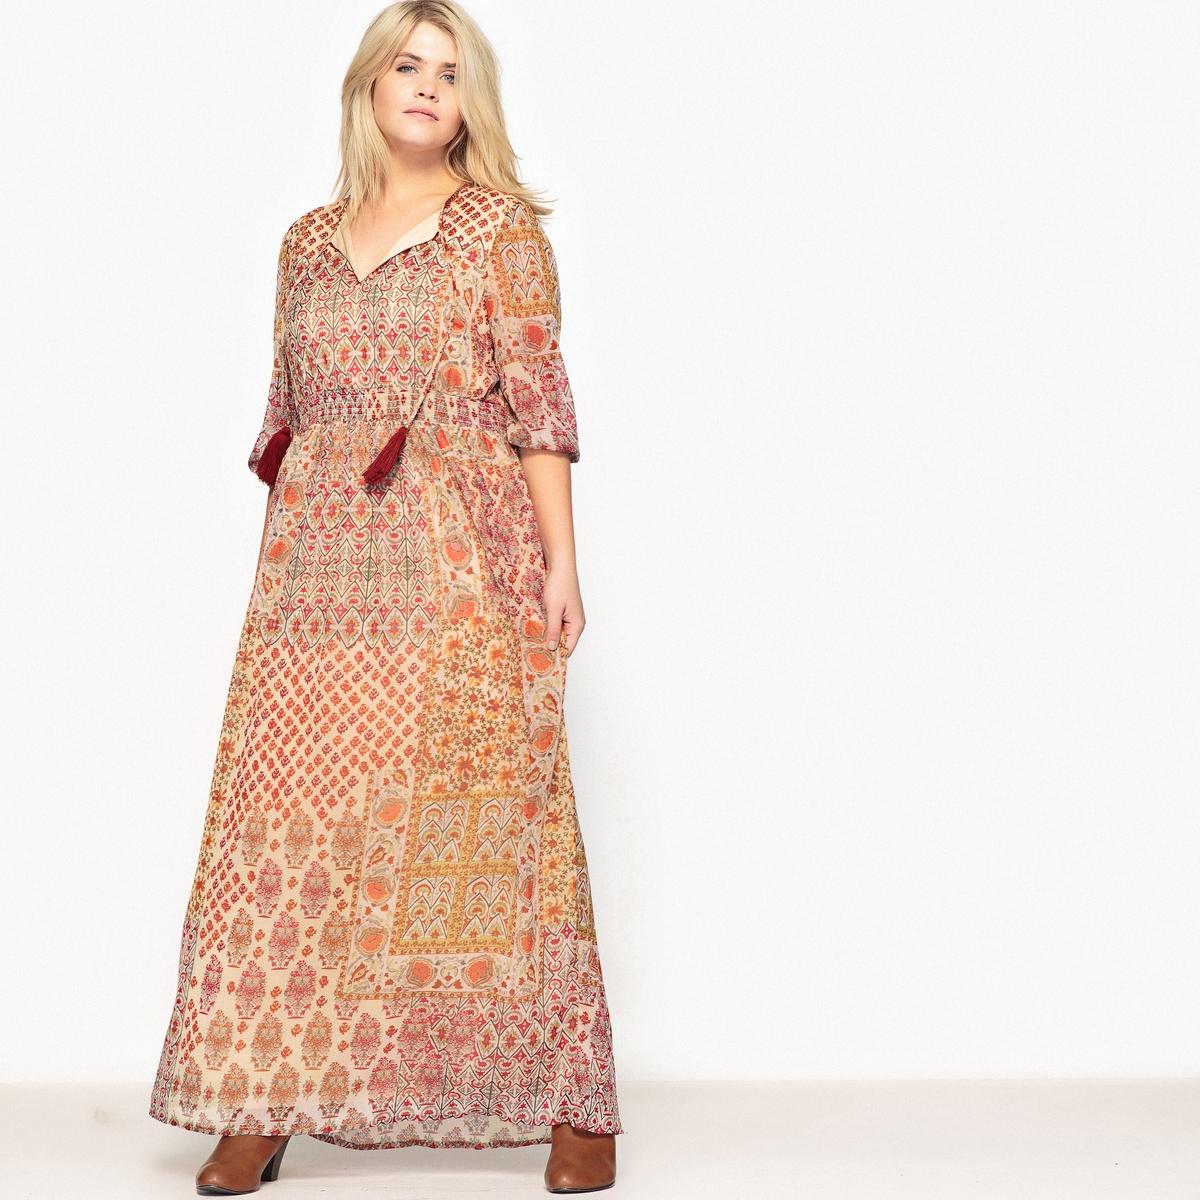 Платье длинное с рисунком и длинными рукавамиОписание:Вам понравится это длинное платье с рисунком в богемном стиле. На пике модных тенденций. Можно носить в любое время года.Детали •  Форма : МАКСИ •  Длина ниже колен •  Длинные рукава    •   V-образный вырез •  Рисунок-принтСостав и уход •  100% полиэстер •  Подкладка : 100% полиэстер •  Температура стирки при 30° на деликатном режиме   •  Сухая чистка и отбеливание запрещены •  Не использовать барабанную сушку   •  Низкая температура глажки   ВАЖНО: Товар без манжетТовар из коллекции больших размеров •  Длина : 140 см.<br><br>Цвет: рисунок пейсли<br>Размер: 52 (FR) - 58 (RUS).48 (FR) - 54 (RUS).56 (FR) - 62 (RUS).54 (FR) - 60 (RUS)